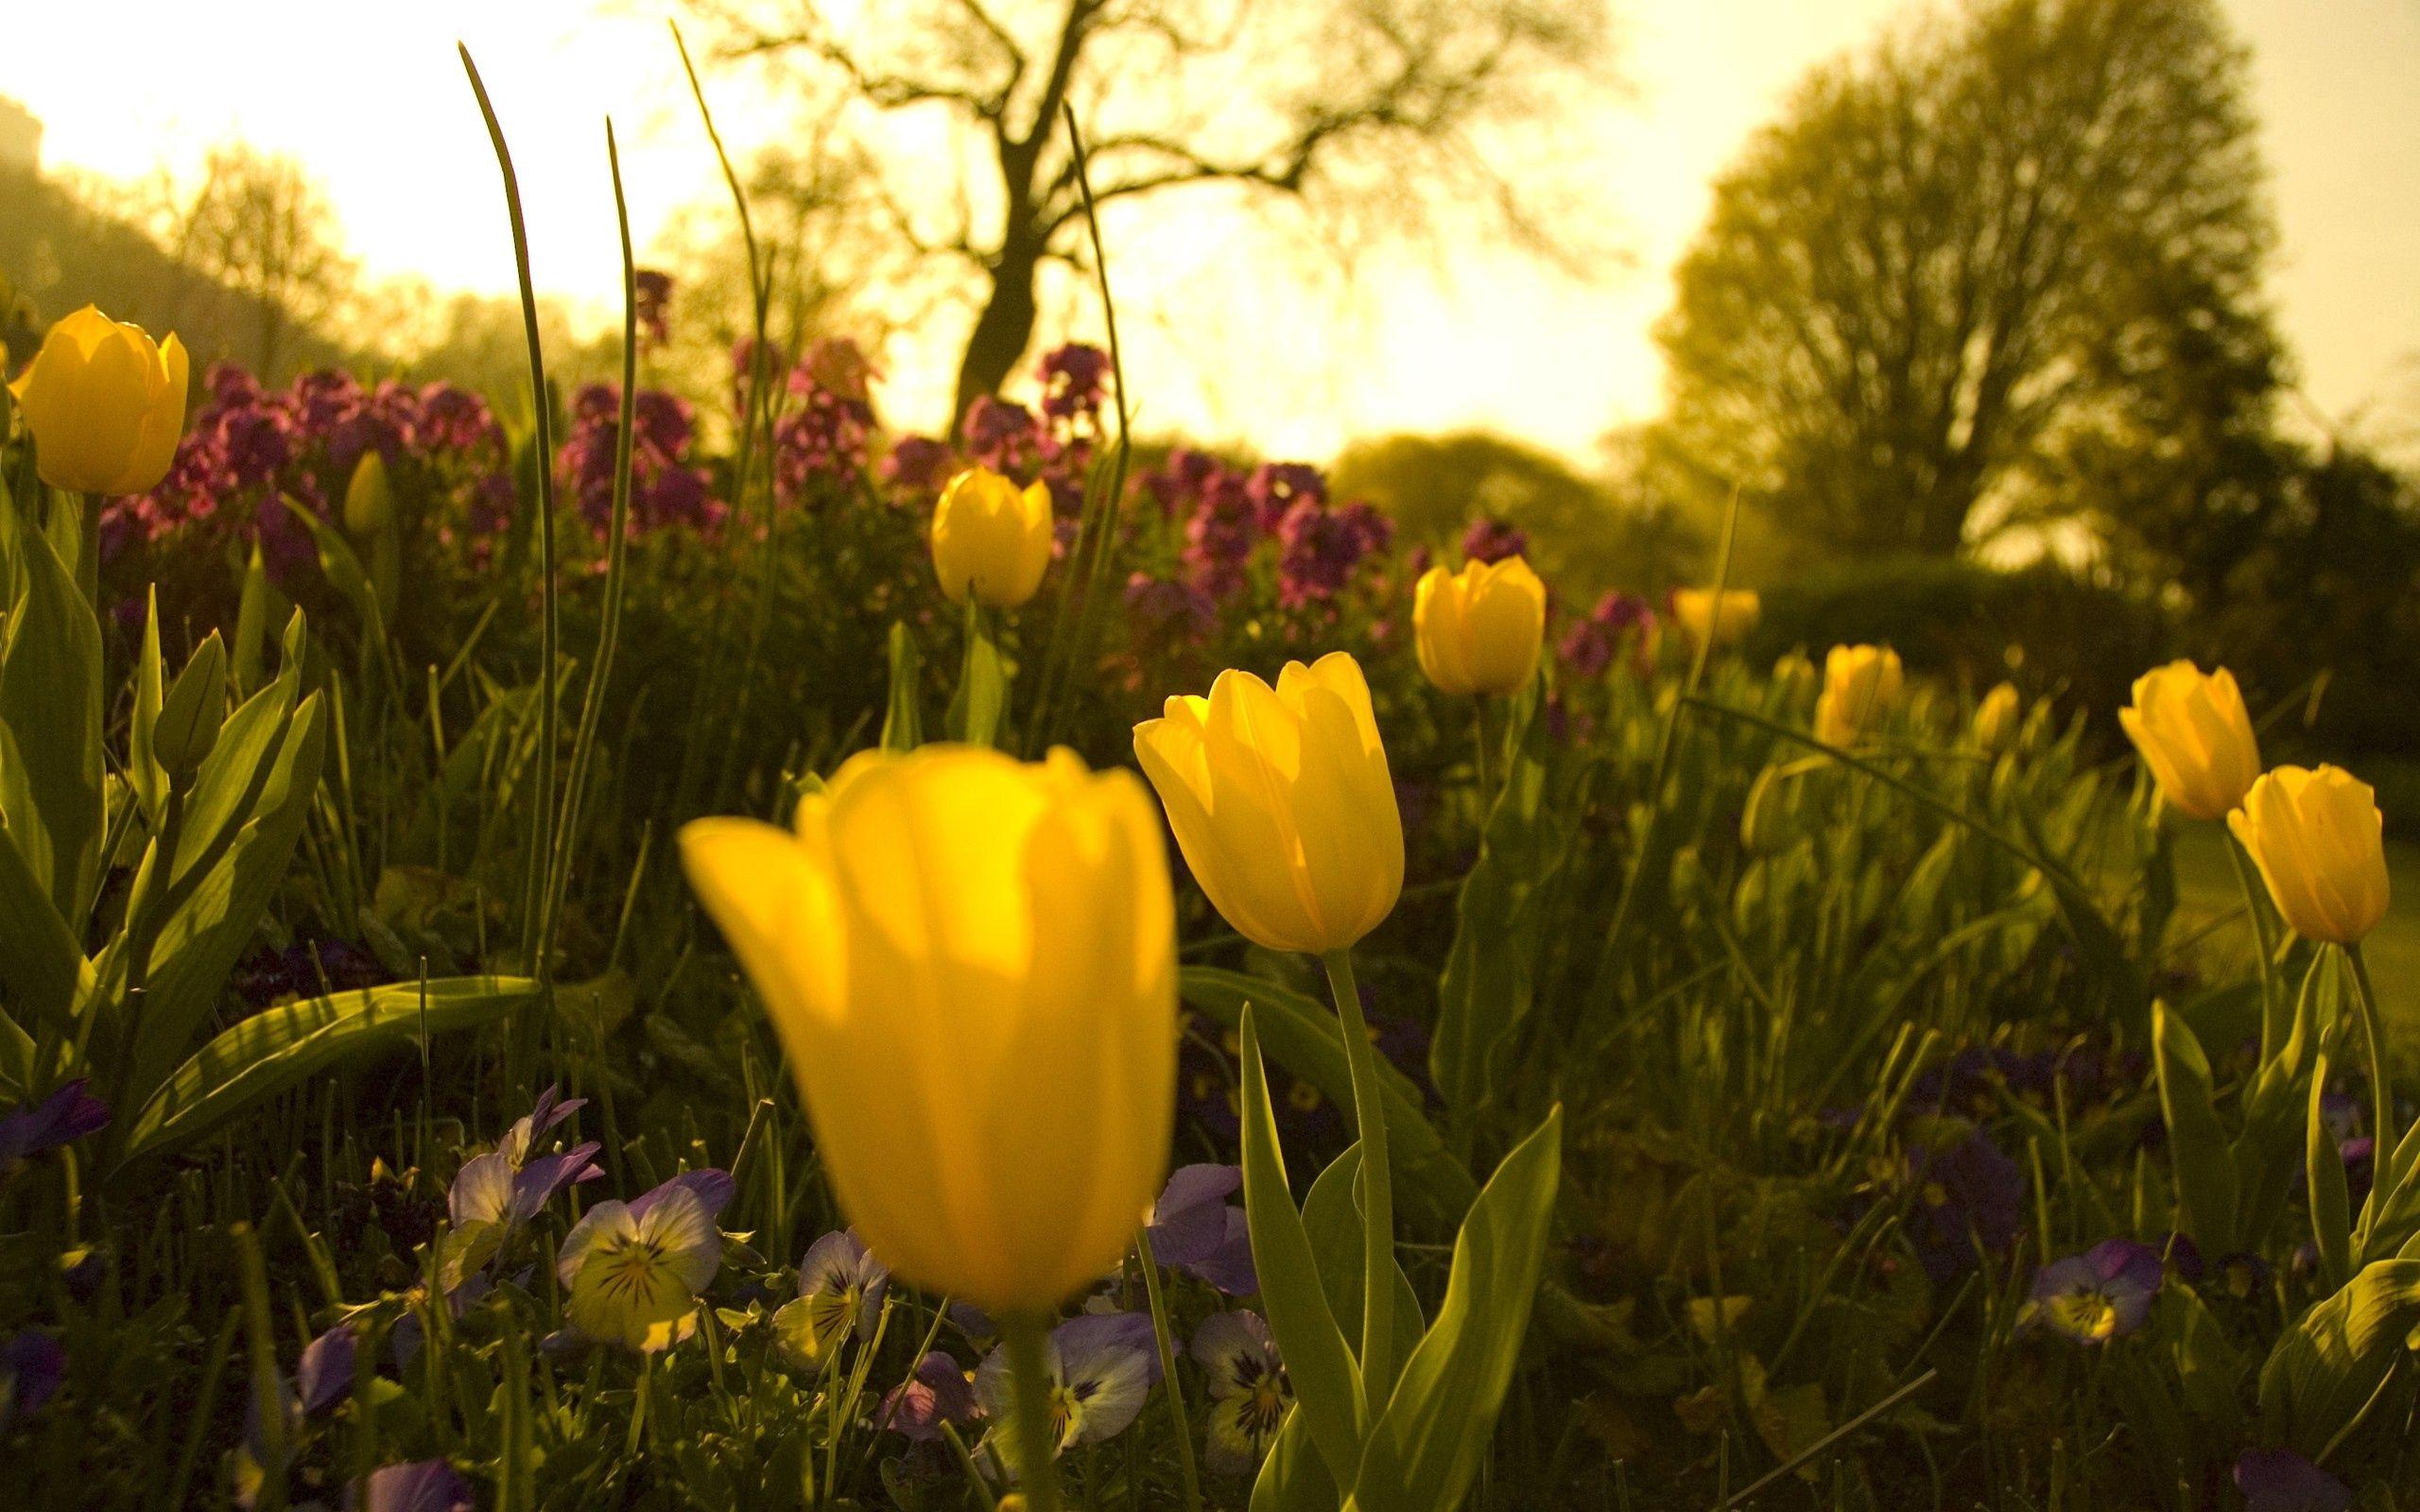 88869 скачать обои Цветы, Клумба, Зелень, Вечер, Сад, Тюльпаны, Анютины Глазки - заставки и картинки бесплатно